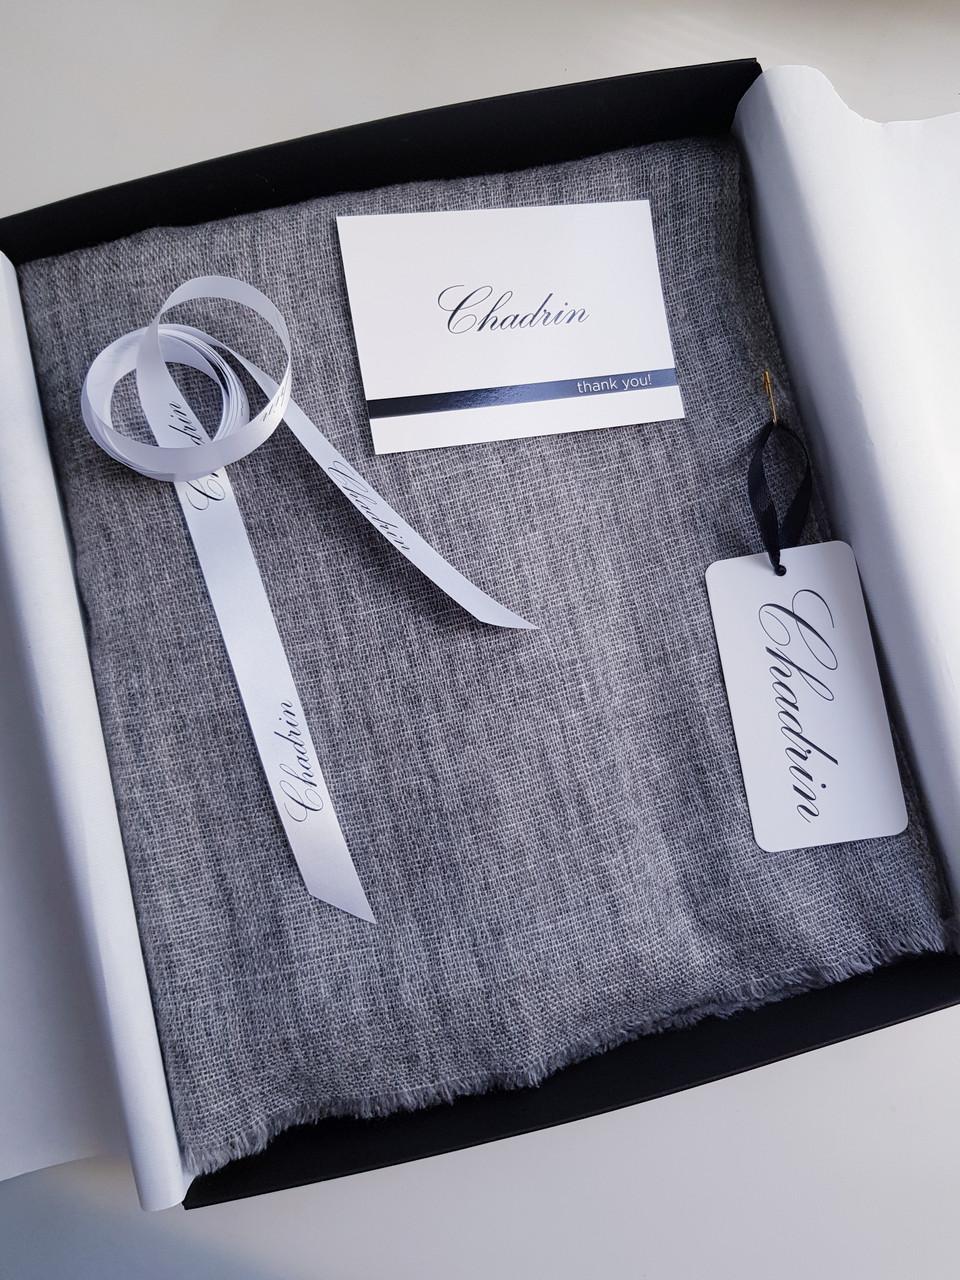 Кашемировый вуальный шарф Chadrin серый мужской, фото 1